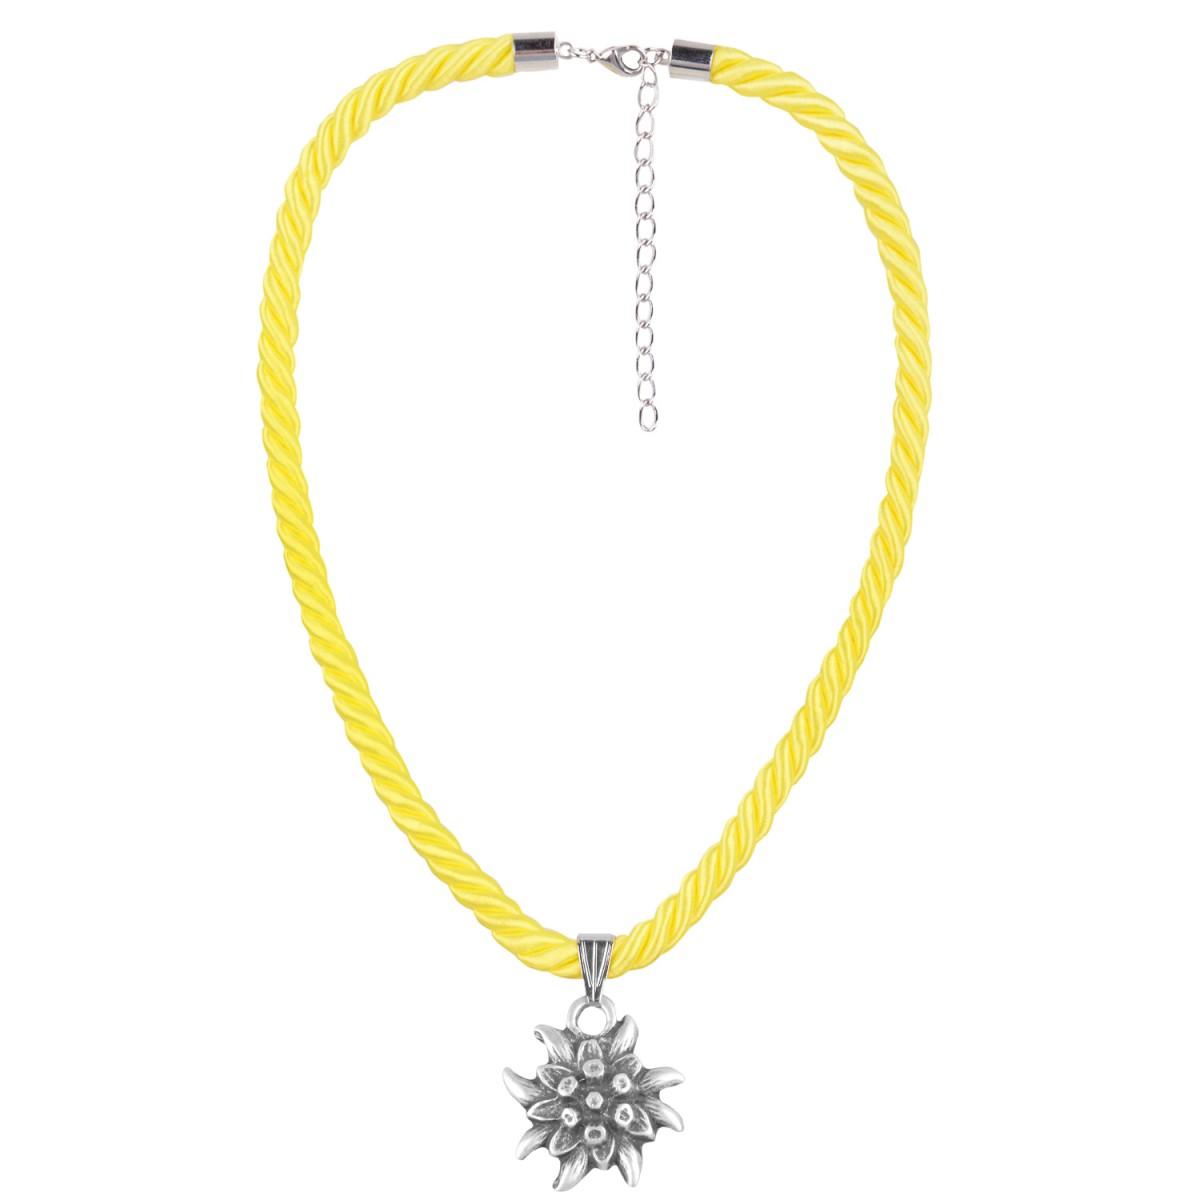 Kordelkette in Gelb mit Edelweiß von Schlick Accessoires günstig online kaufen